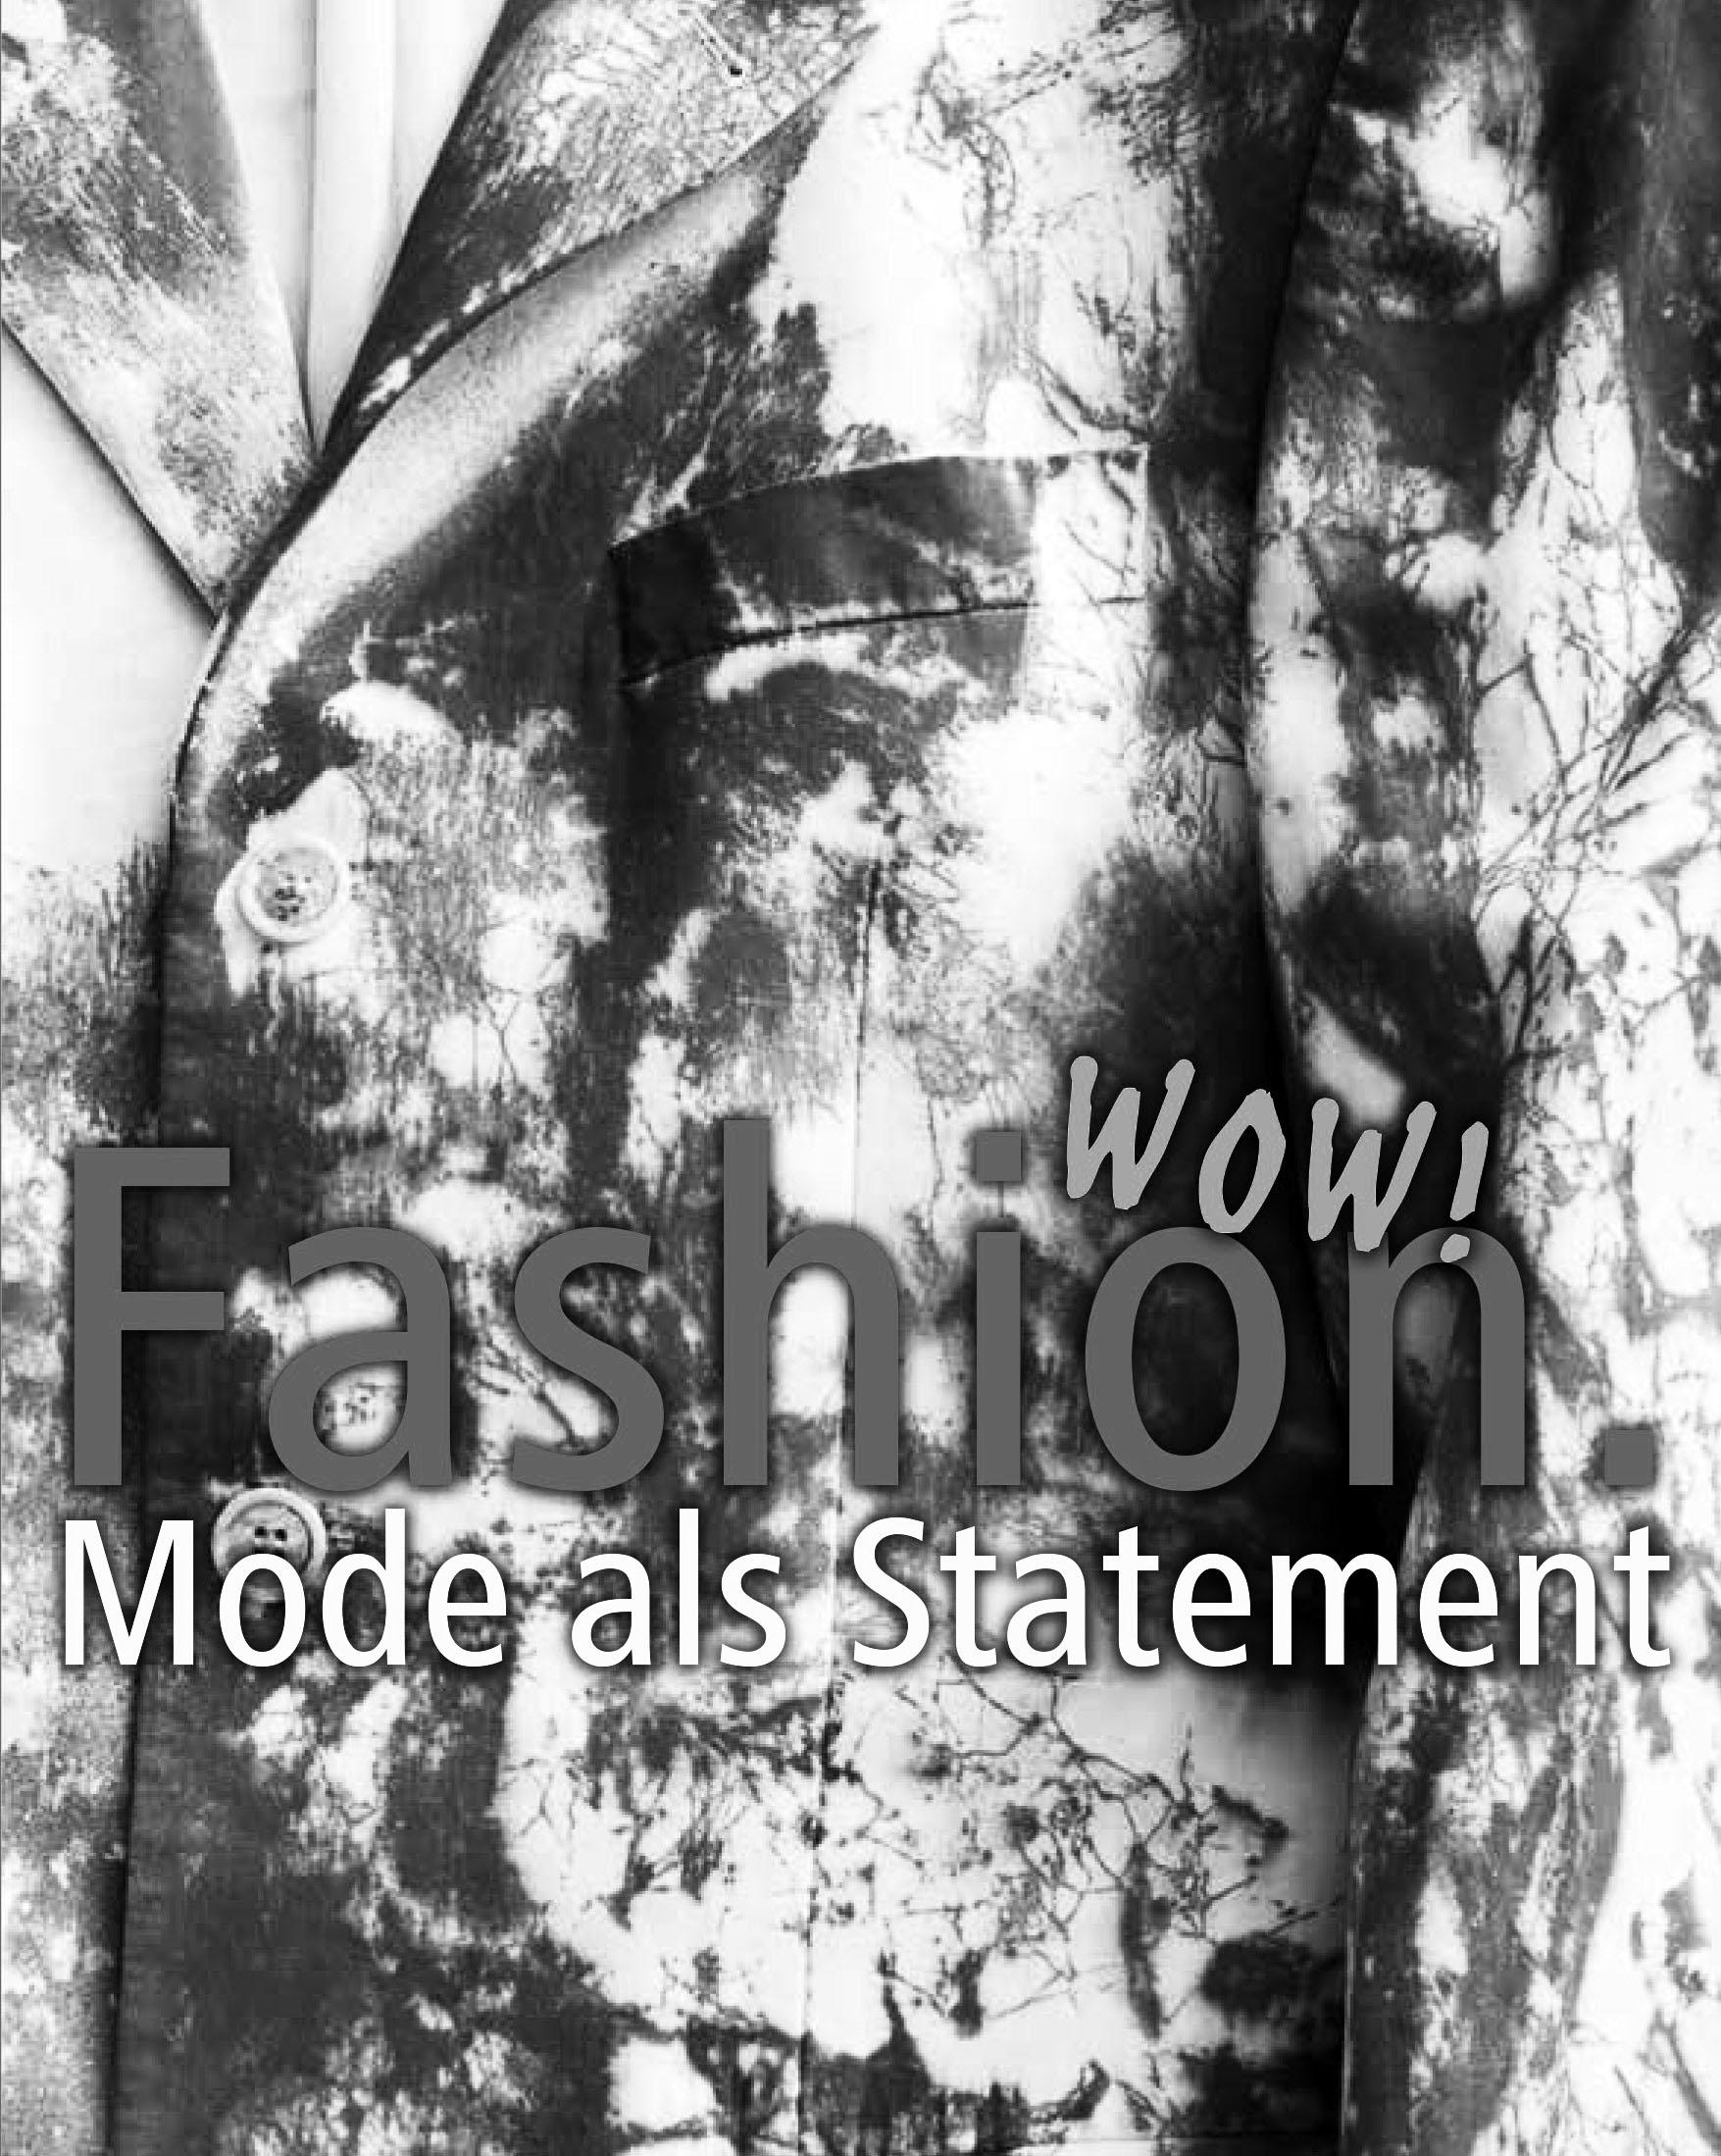 Fashion as statement - EventsOpening15. June 2018 - 19:00Duration15. June 2018 - 08. September 2018Galerie Freihausgasse, Galerie der Stadt Vilach, 9500 Villachhttp://www.dieangewandte.at/en/news/exhibitions/detail…